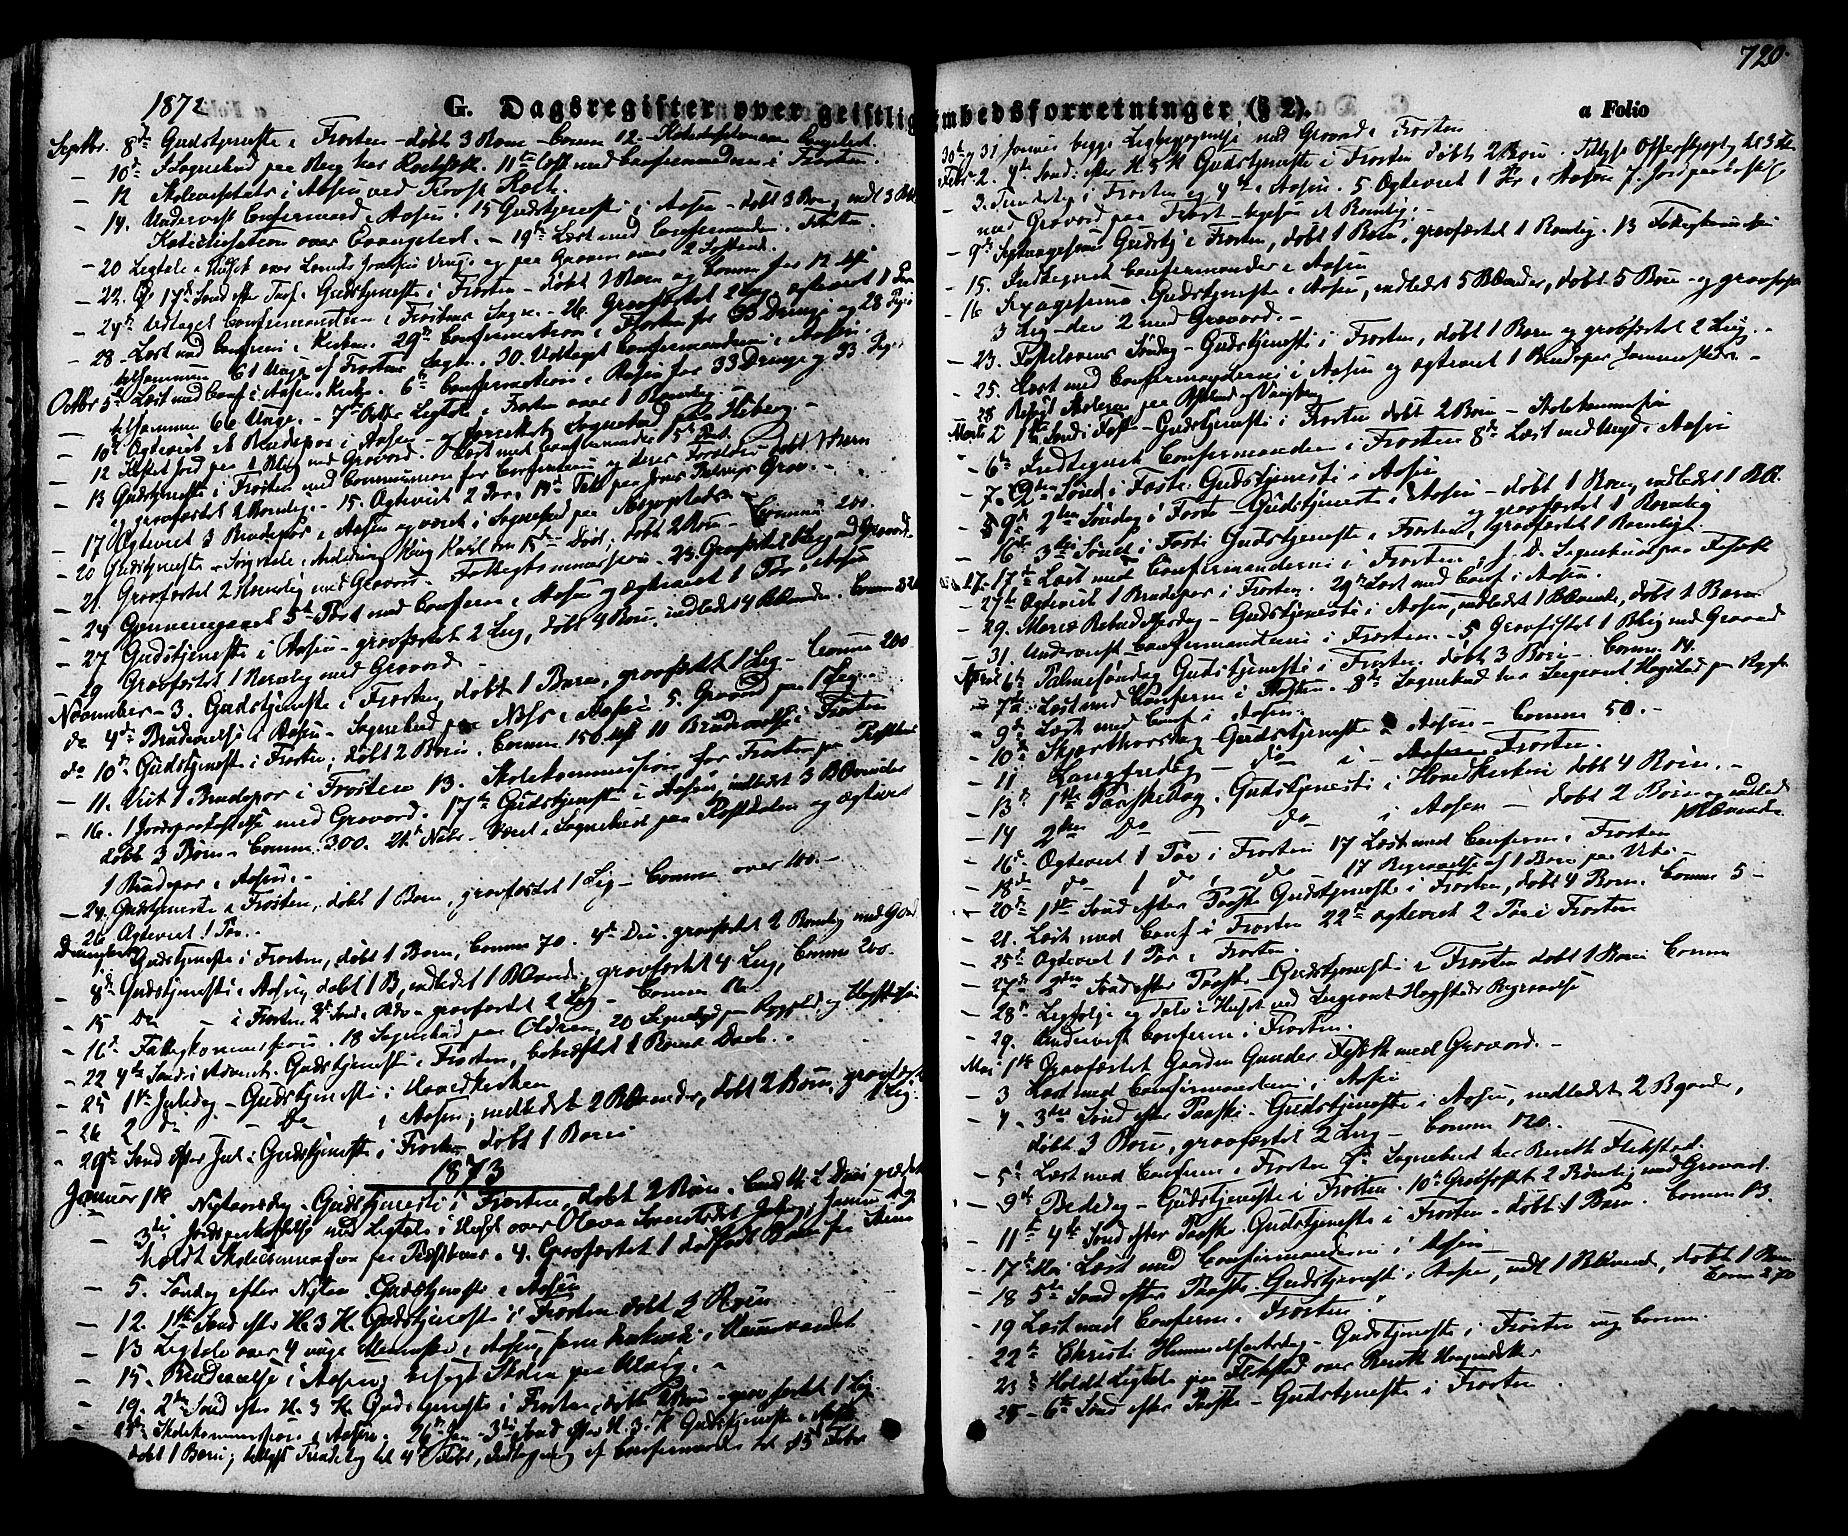 SAT, Ministerialprotokoller, klokkerbøker og fødselsregistre - Nord-Trøndelag, 713/L0116: Ministerialbok nr. 713A07 /1, 1850-1877, s. 720